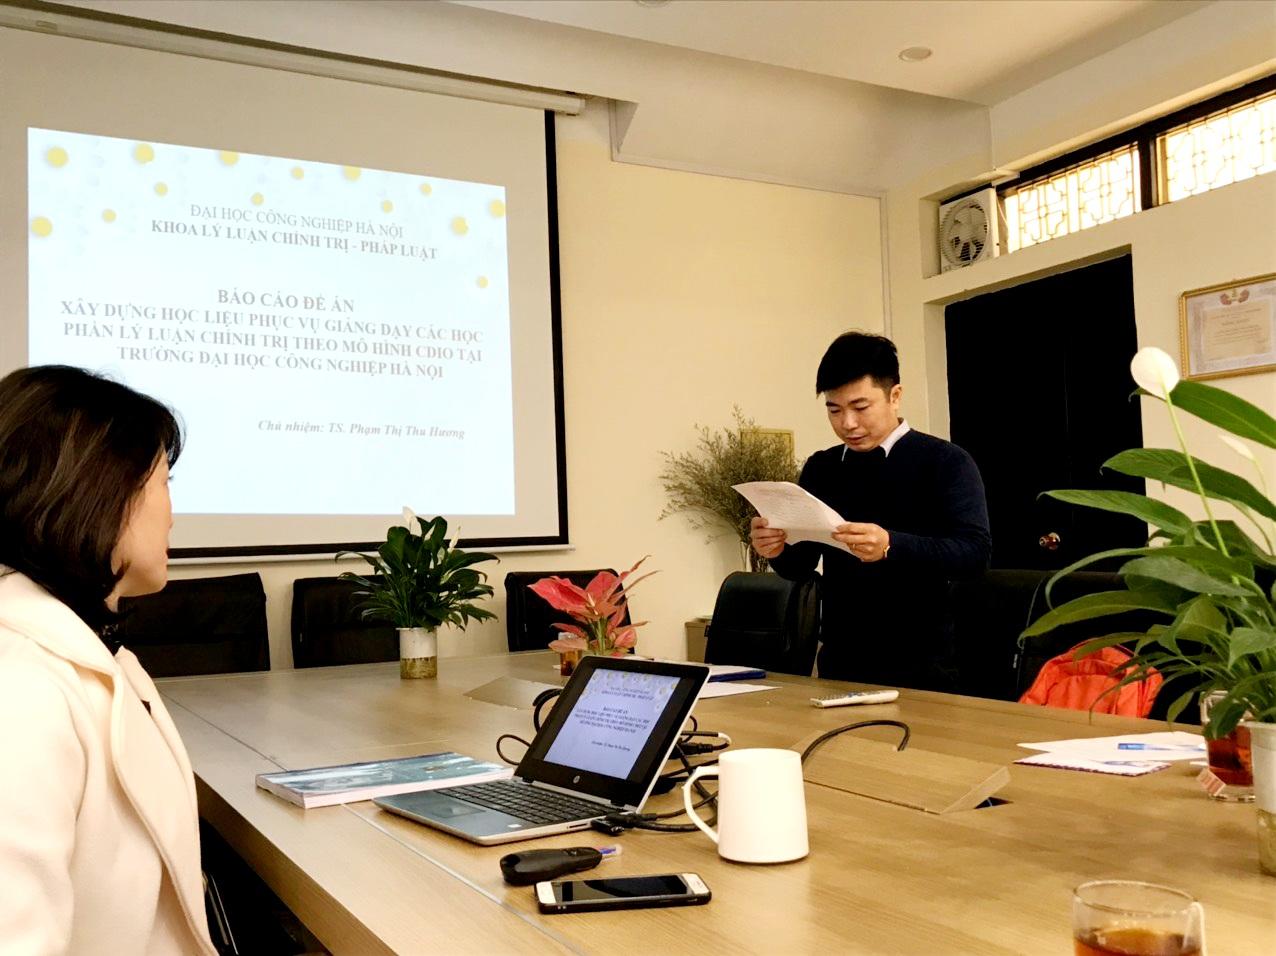 Khoa Lý luận Chính trị - Pháp luật tổ chức đánh giá và nghiệm thu cấp đơn vị đề án khoa học cấp trường: `Xây dựng học liệu phục vụ giảng dạy các học phần lý luận chính trị theo mô hình CIDO tại Trường đại học Công nghiệp Hà Nội`.